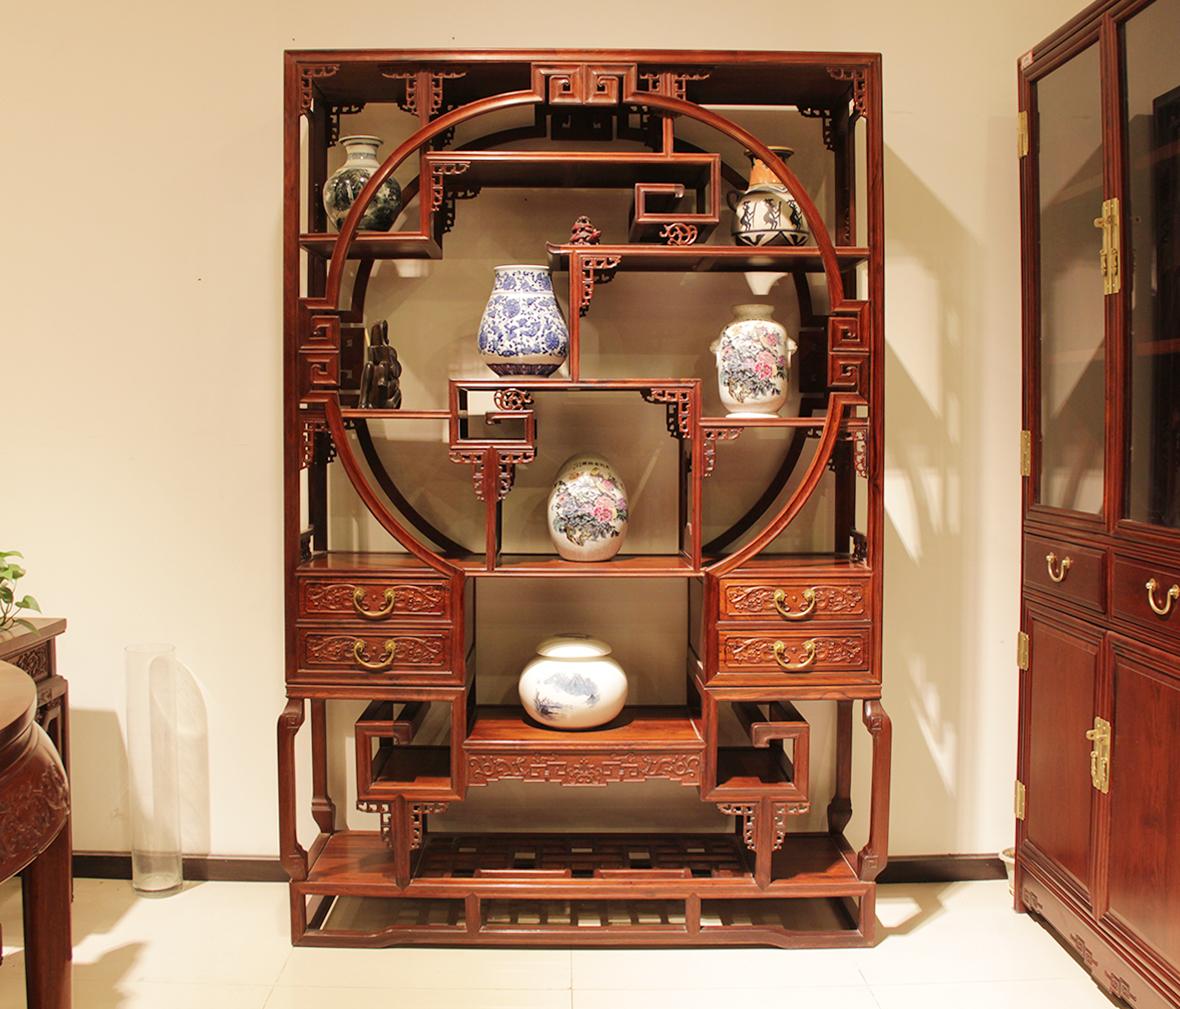 真盏堂 美盈家居 文锦柜 柜子 展示柜 花梨木 中式古典